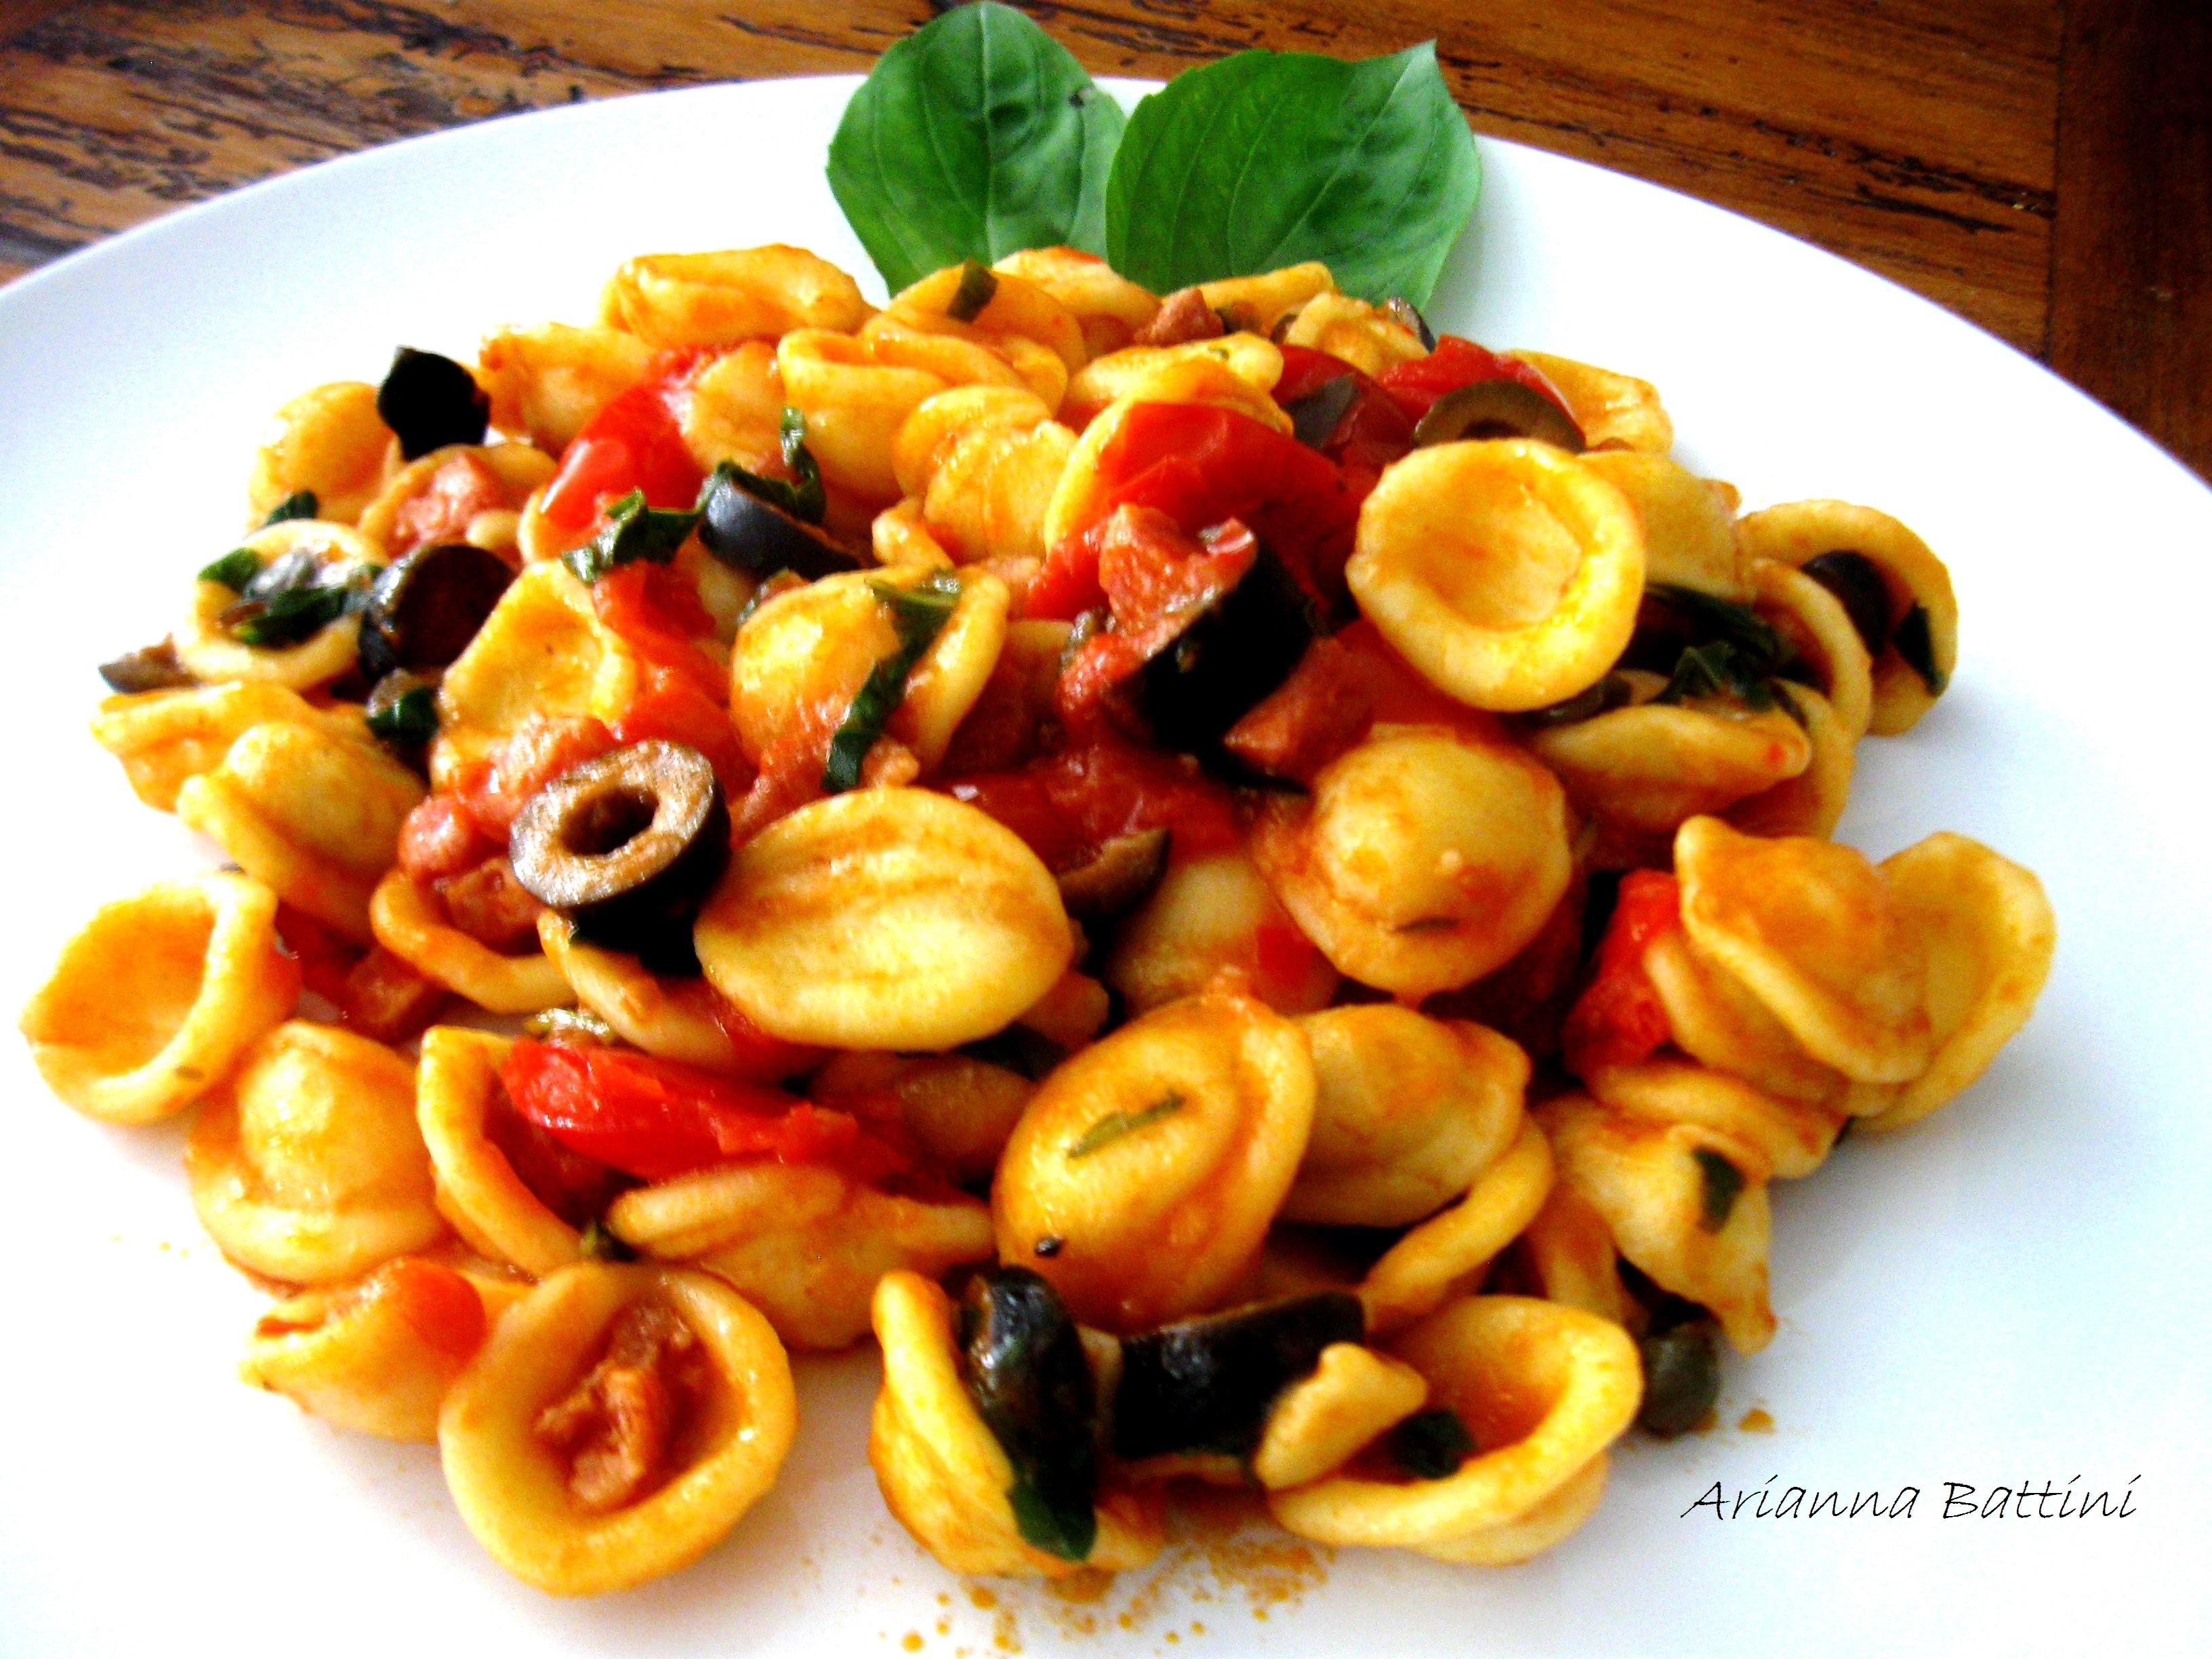 Orecchiette fresce con pomodorini, olive nere, capperi, pancetta affumicata, basilico fresco, olio evo, peperoncino.